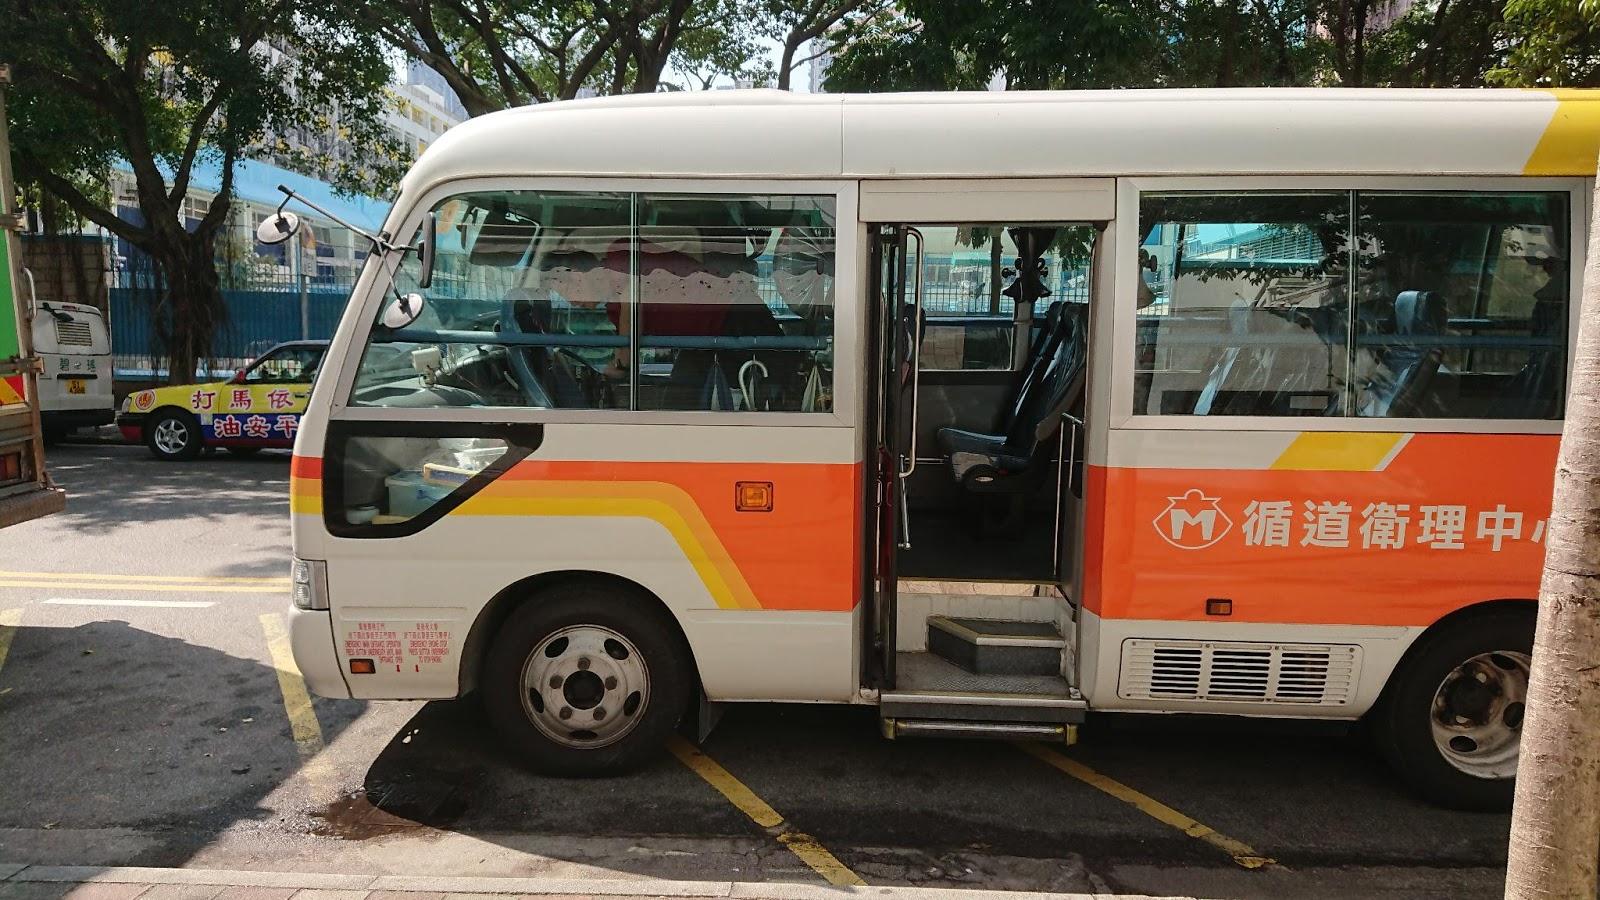 復康Coaster,同朋友嘅分別 - 旅遊巴士及過境巴士 (B6) - hkitalk.net 香港交通資訊網 - Powered by Discuz!